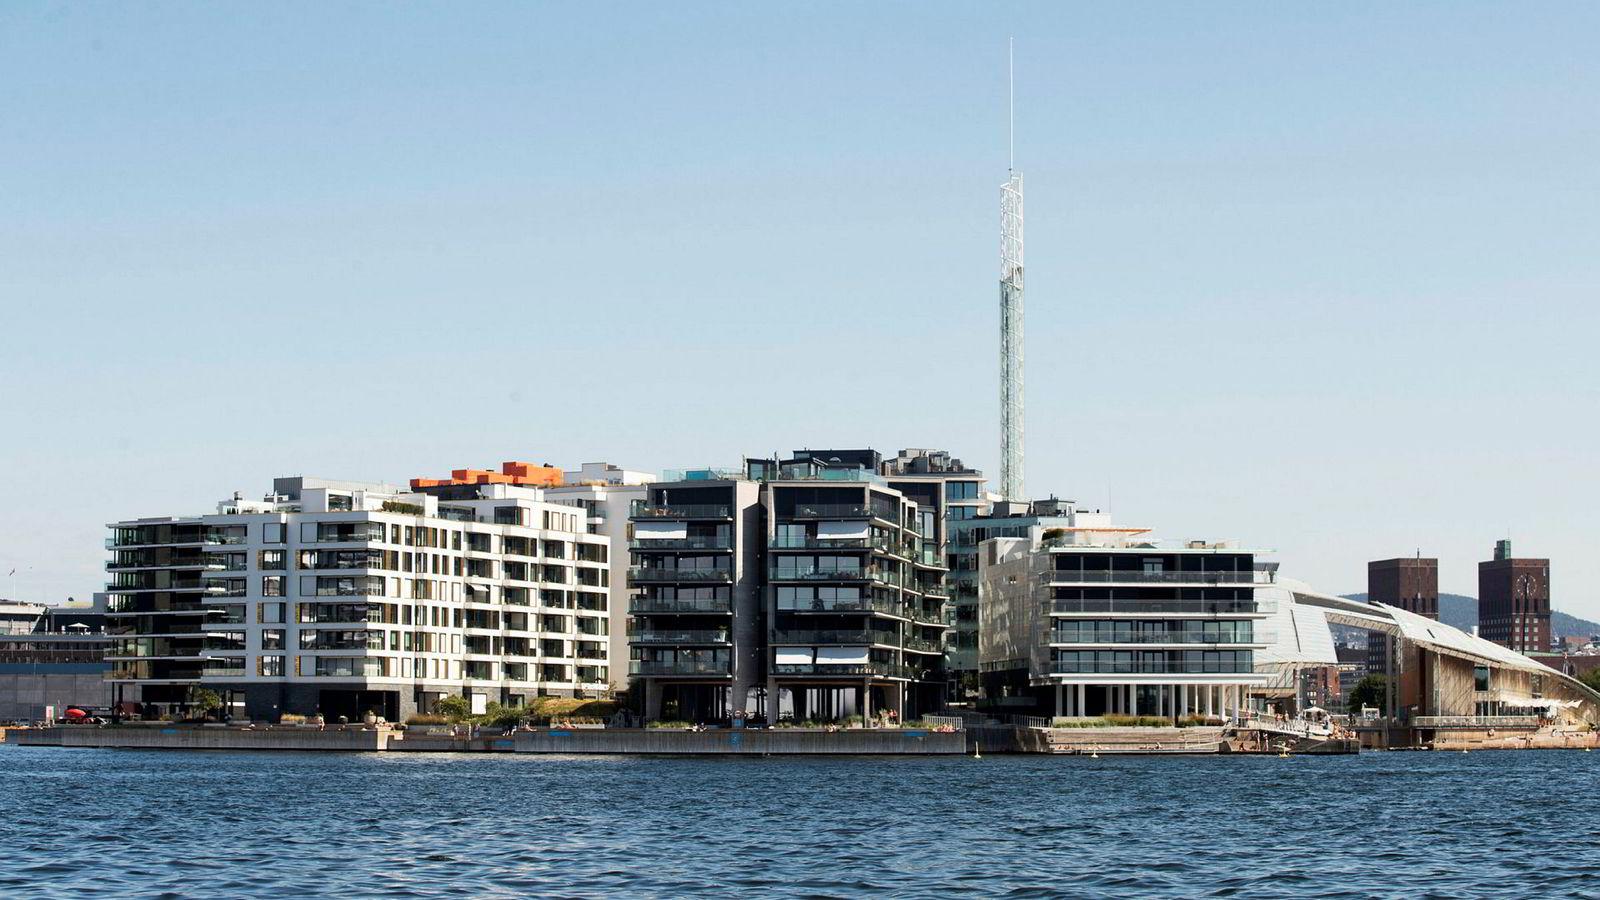 Alexander Sunde har en leilighet i det samme bygget som huser faren Olav Nils Sundes leilighet på 1200 kvadratmeter (bygget ytterst til høyre i bildet). Nå har Alexander Sunde kjøpt nok en leilighet til 54 millioner kroner i bygget ved siden av (andre bygg fra høyre side).